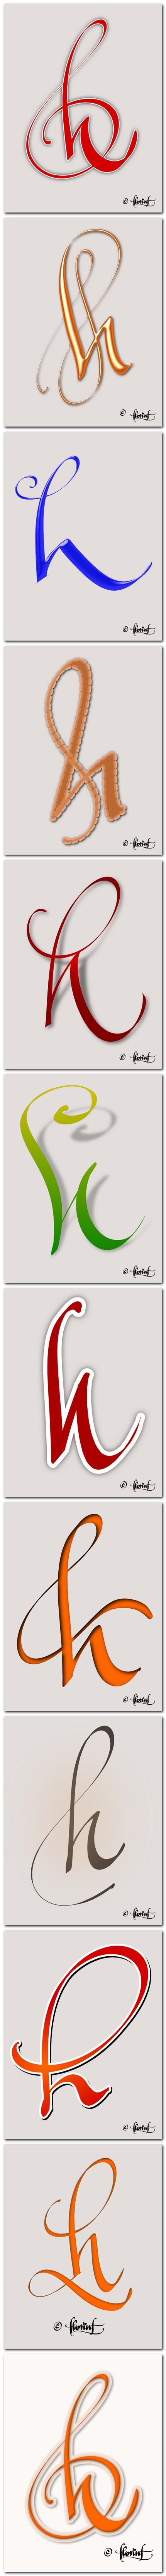 12 variante litera h - create de Florin Florea (vertical)